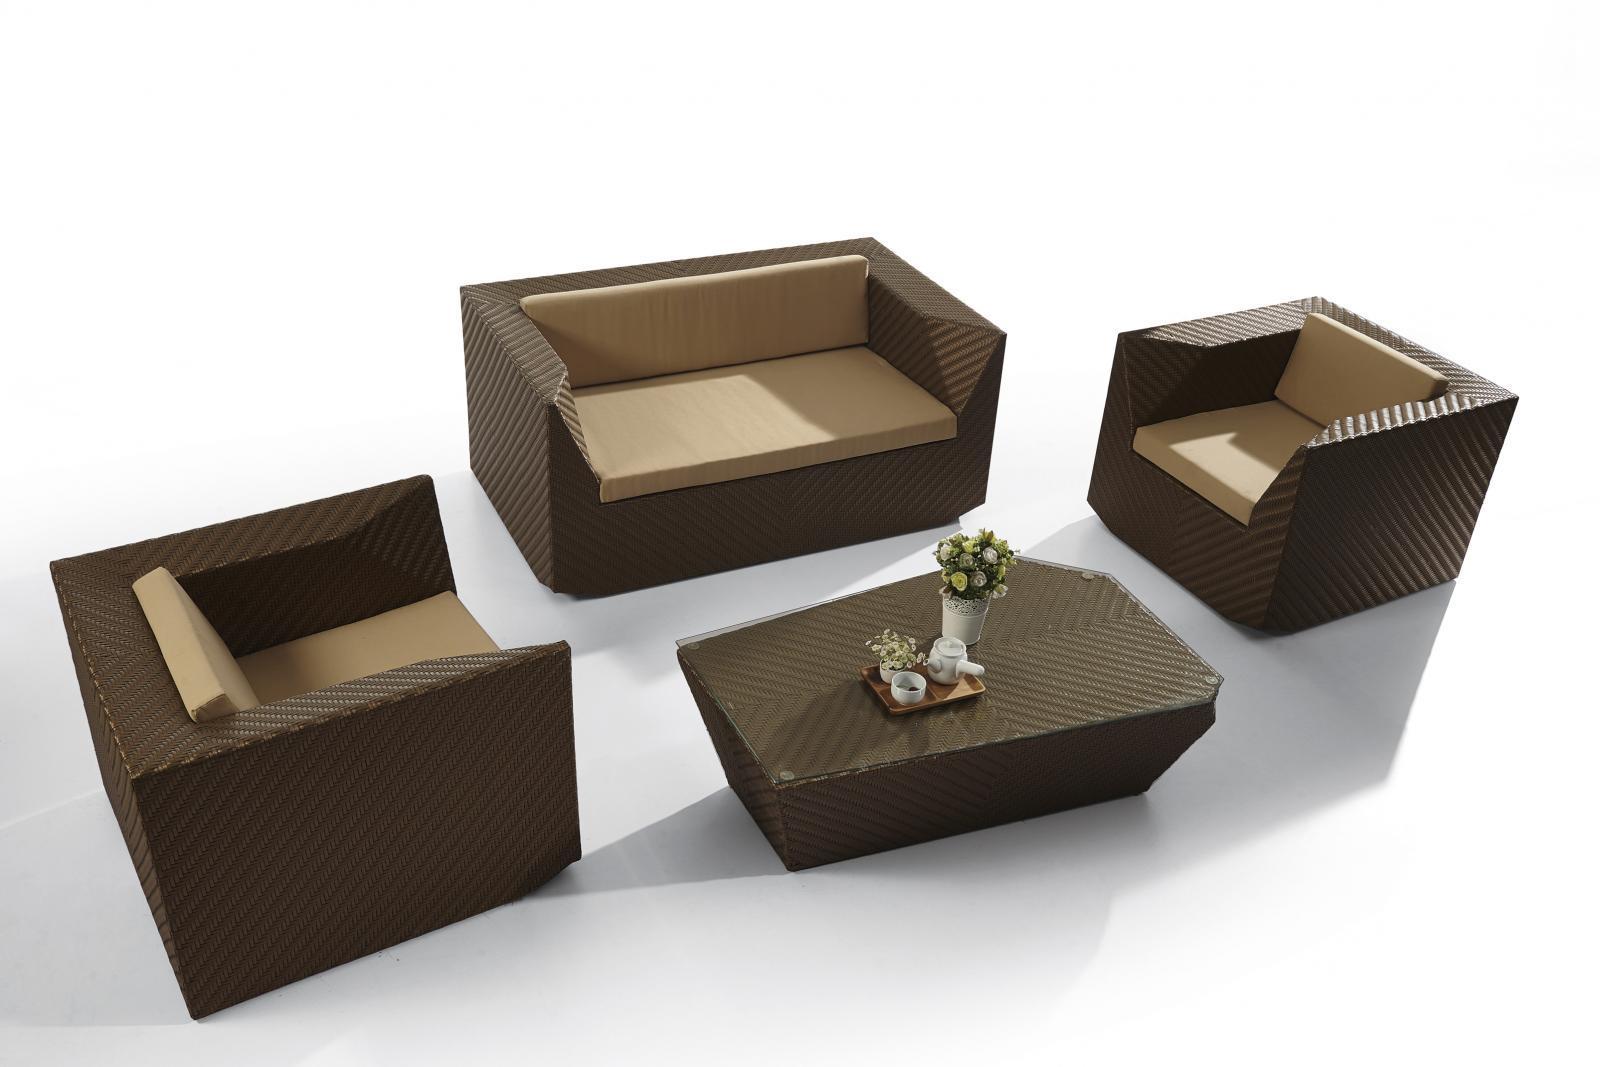 Лаунж-набор мебели Cubico